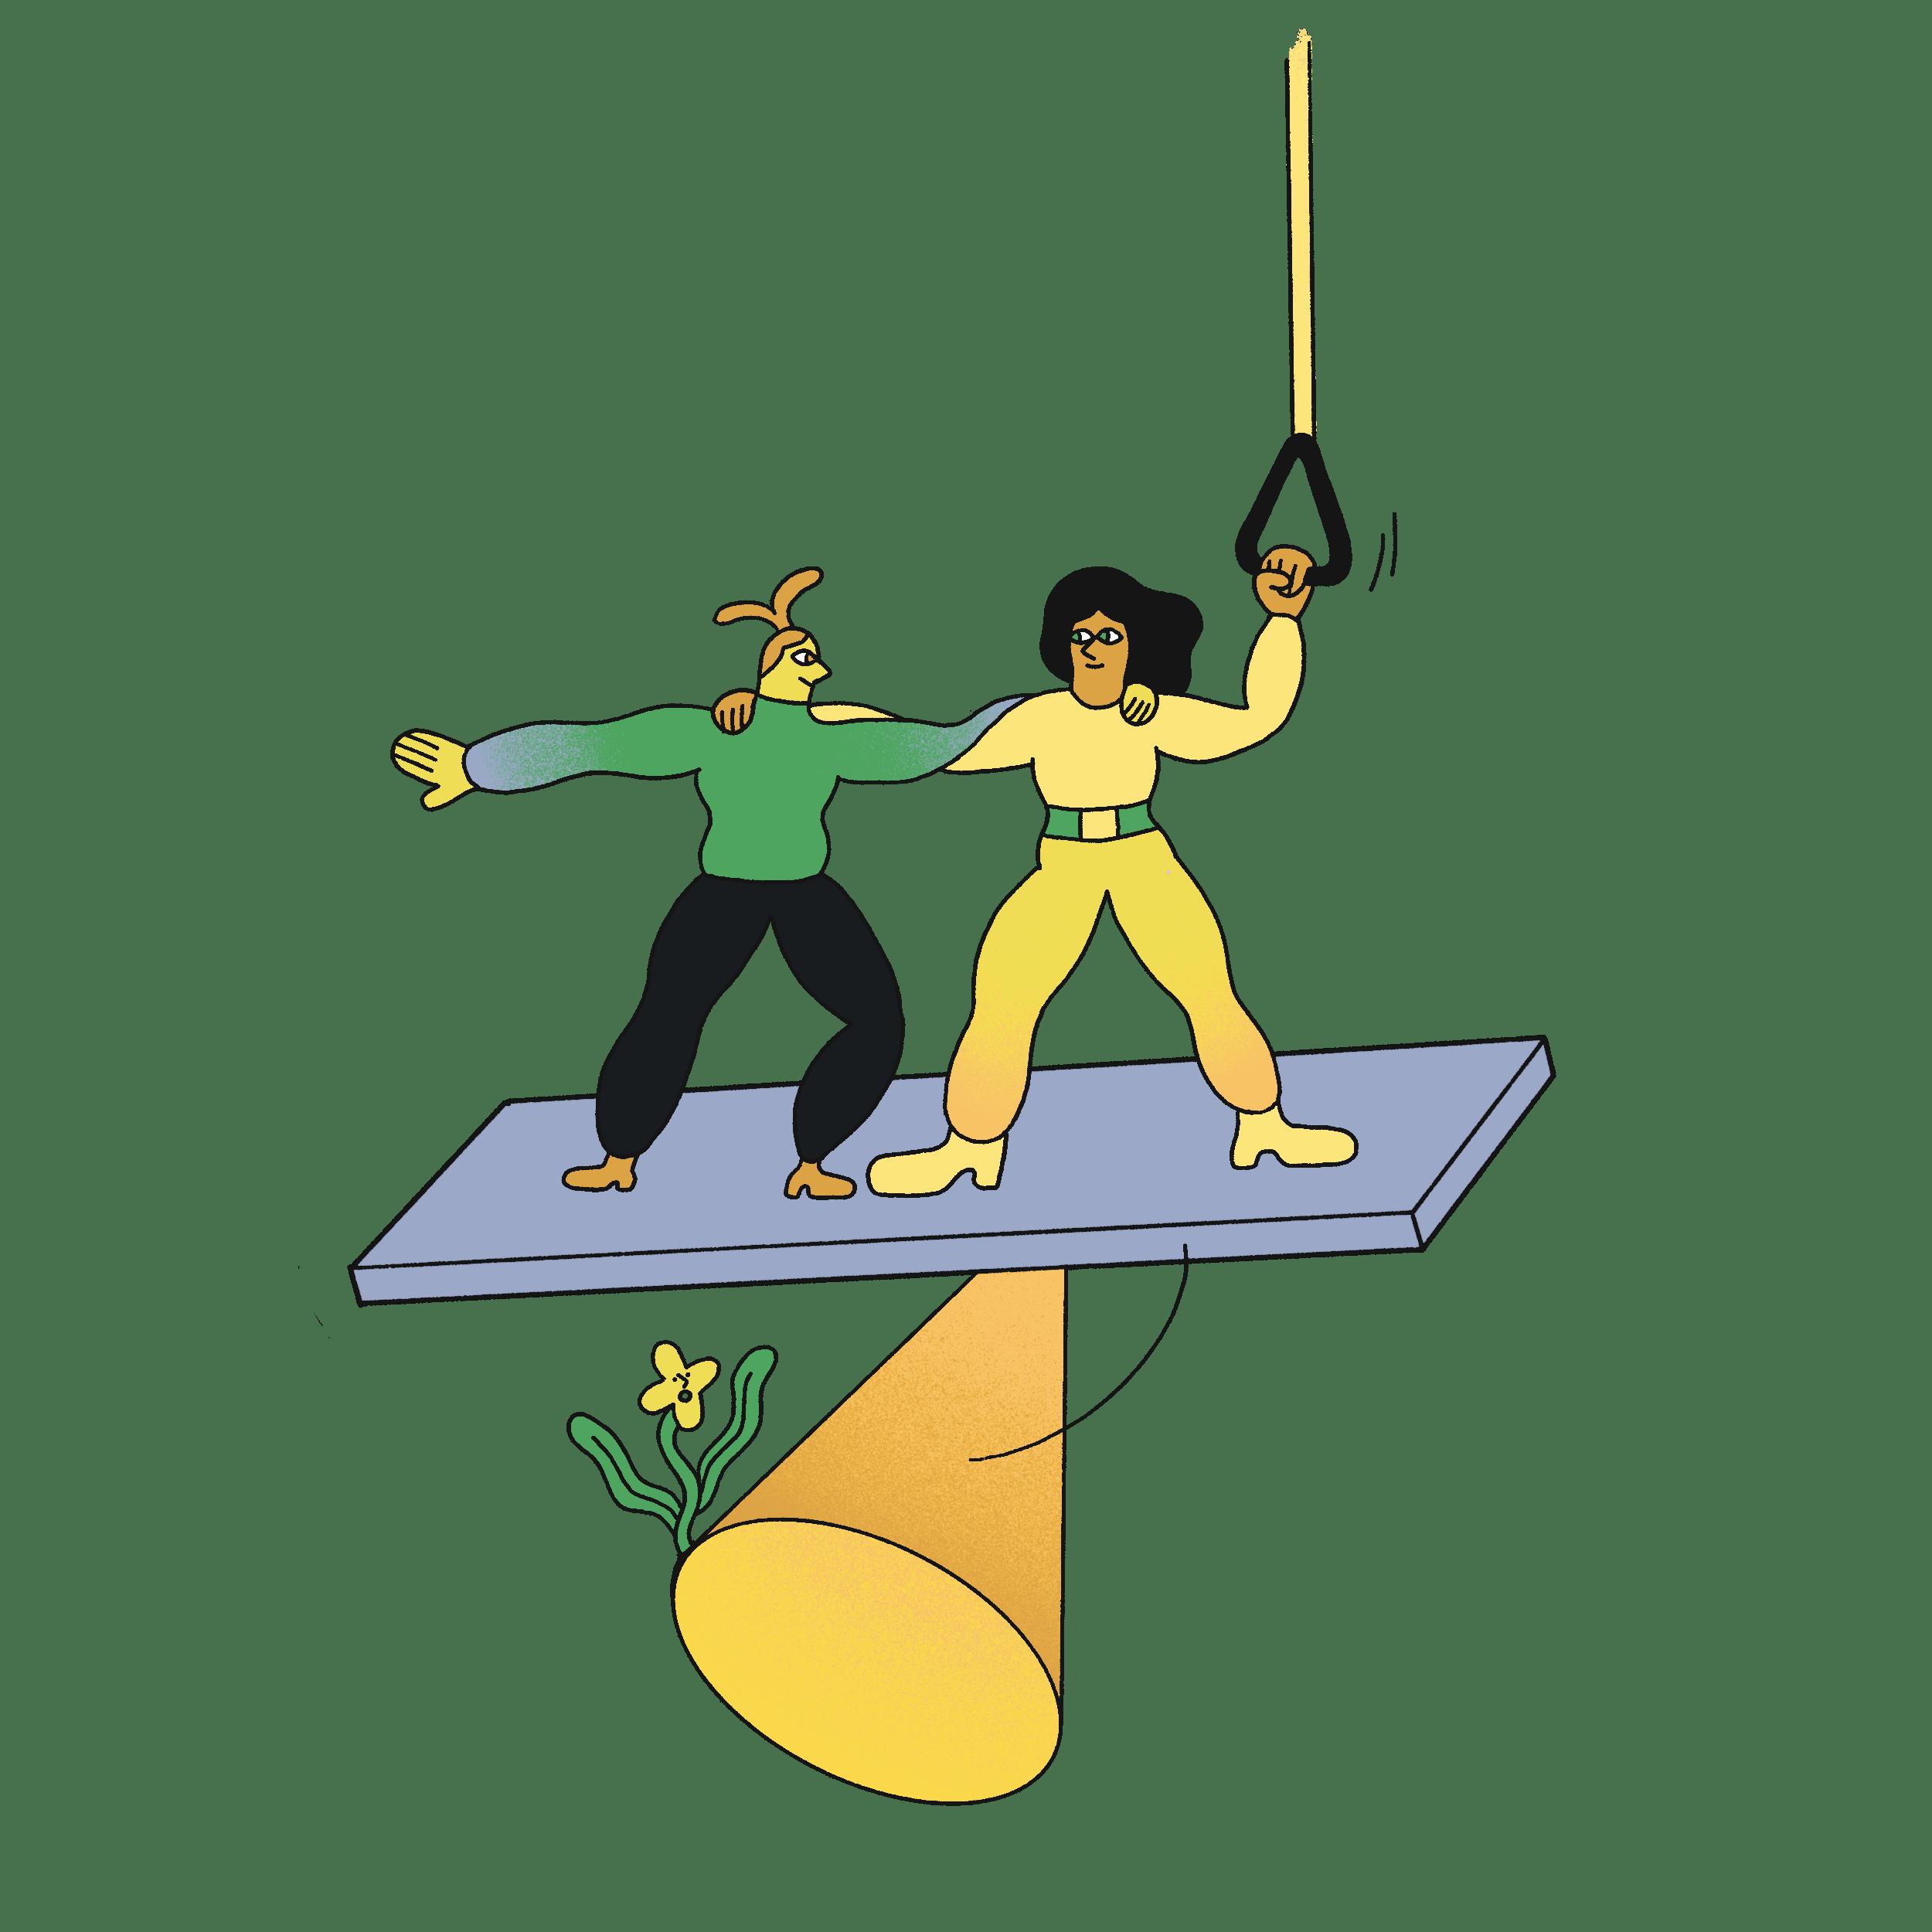 Zwei Personen balancieren sich gegenseitig aus